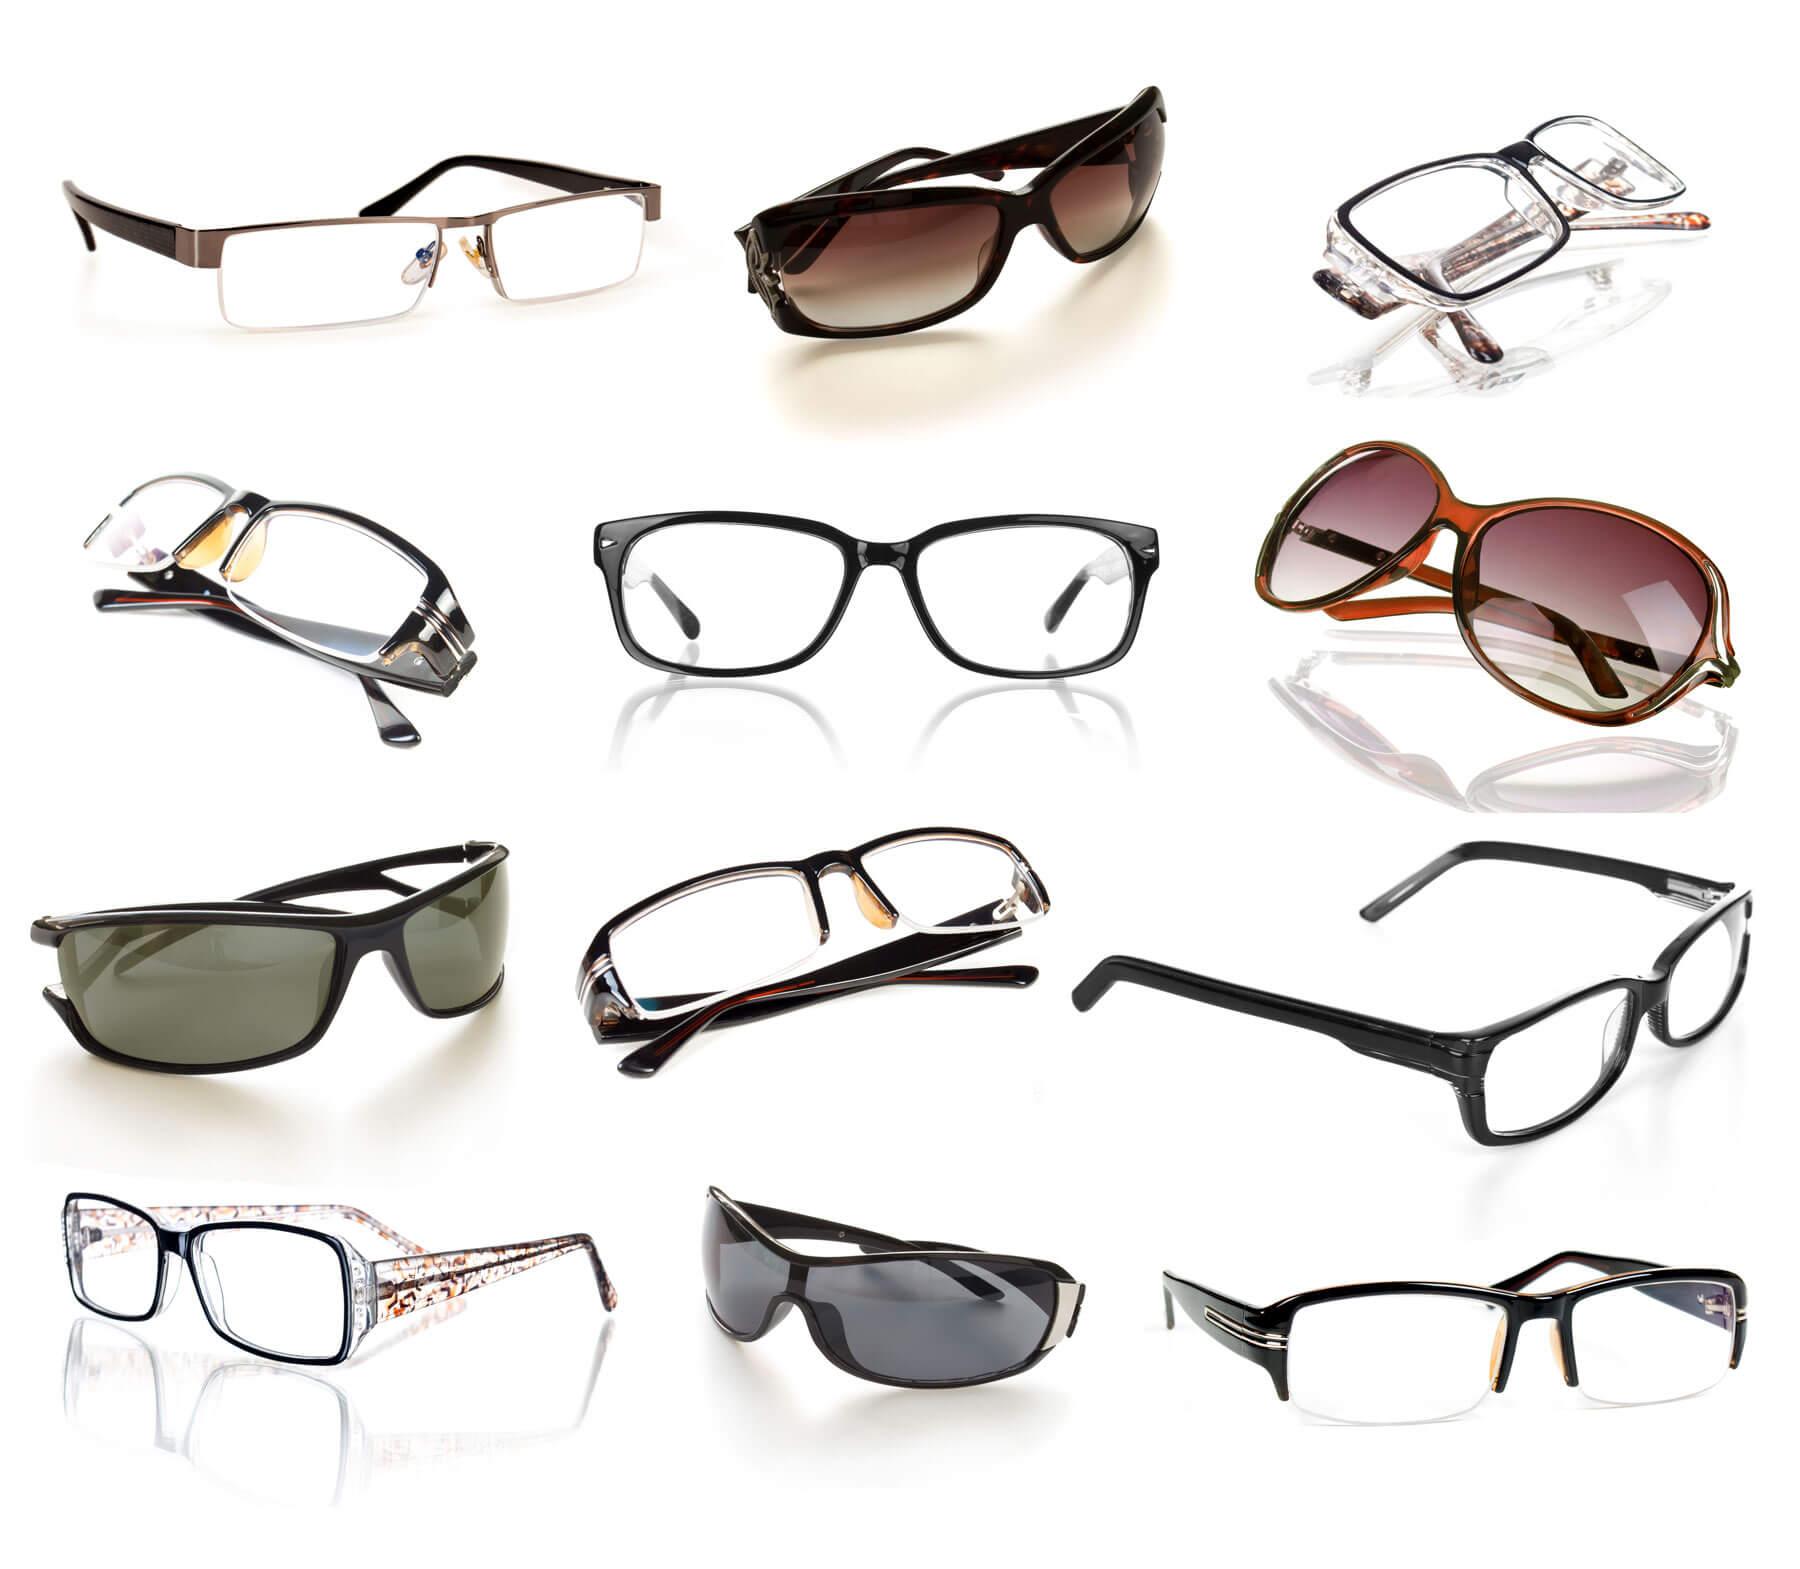 Freistellen Brillen Sonnenbrillen verschiedene Modelle Spiegeleffekte